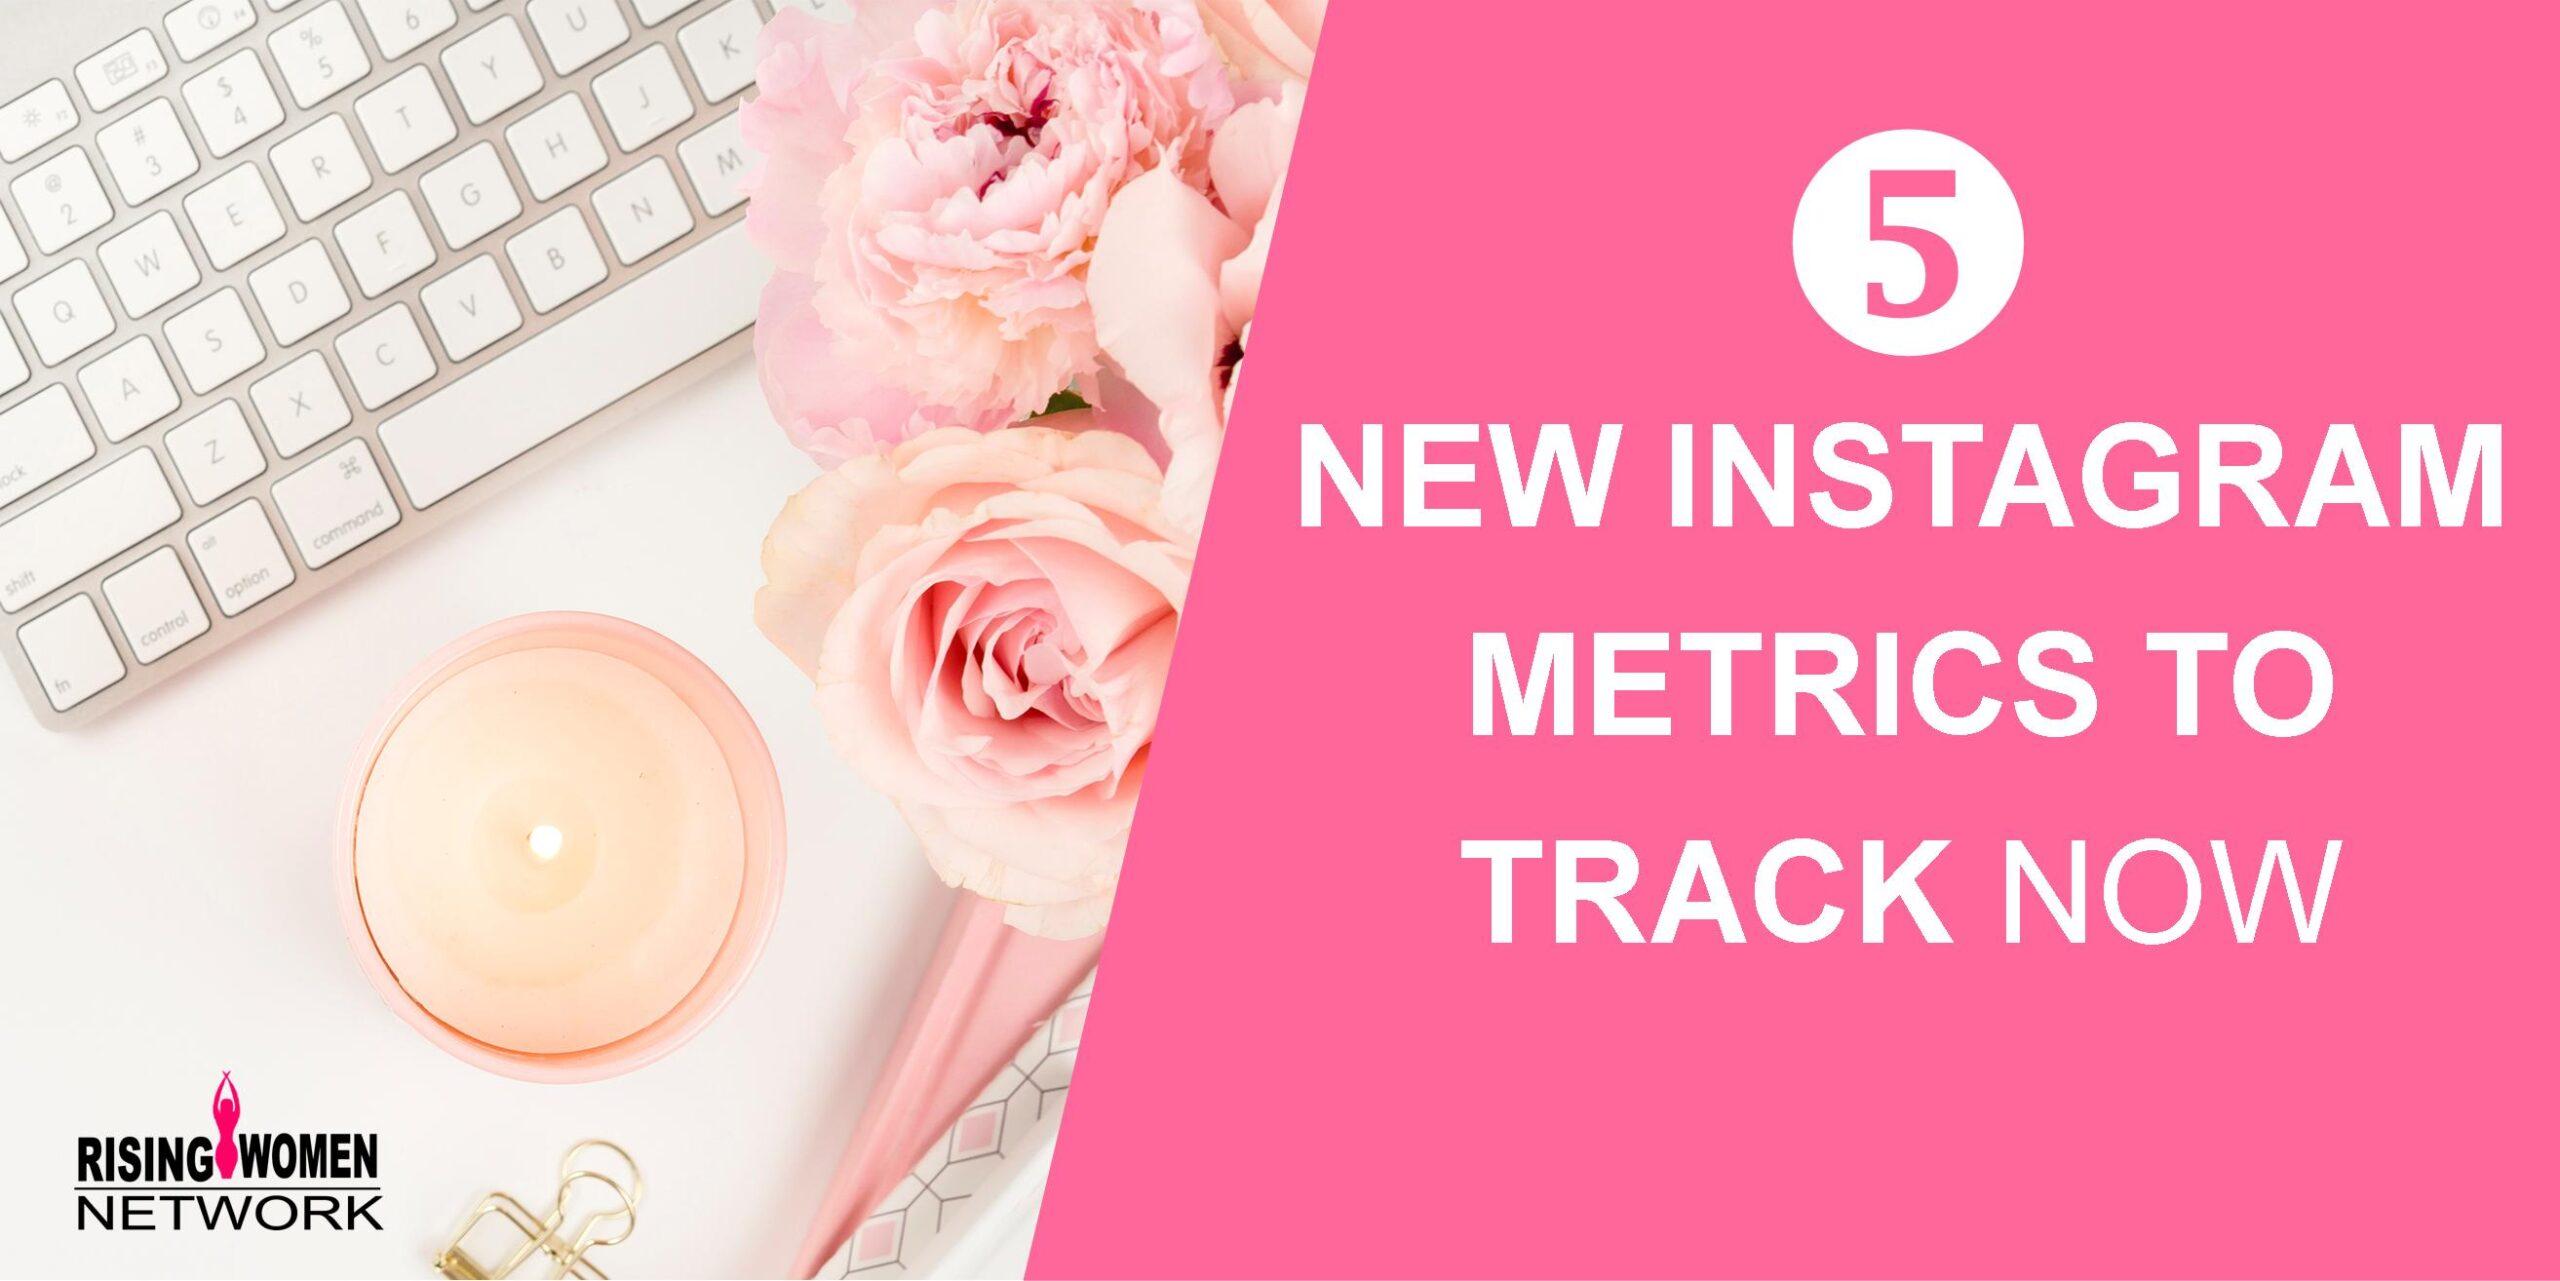 5 New Instagram Metrics to Track Now